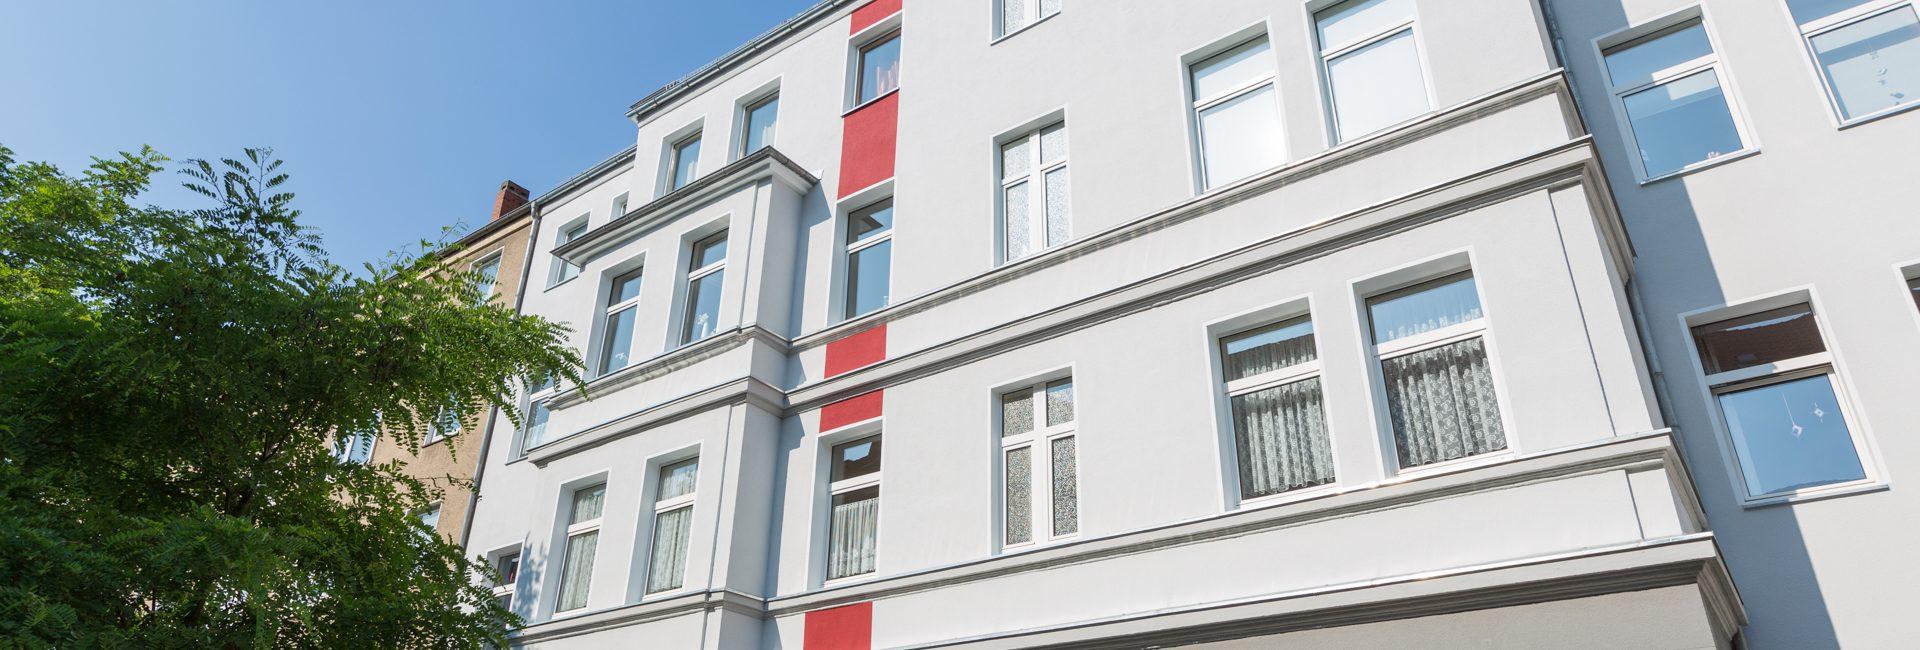 Fassade sanieren streichen Stilfassade Hannover Keim Farben in Sehnde